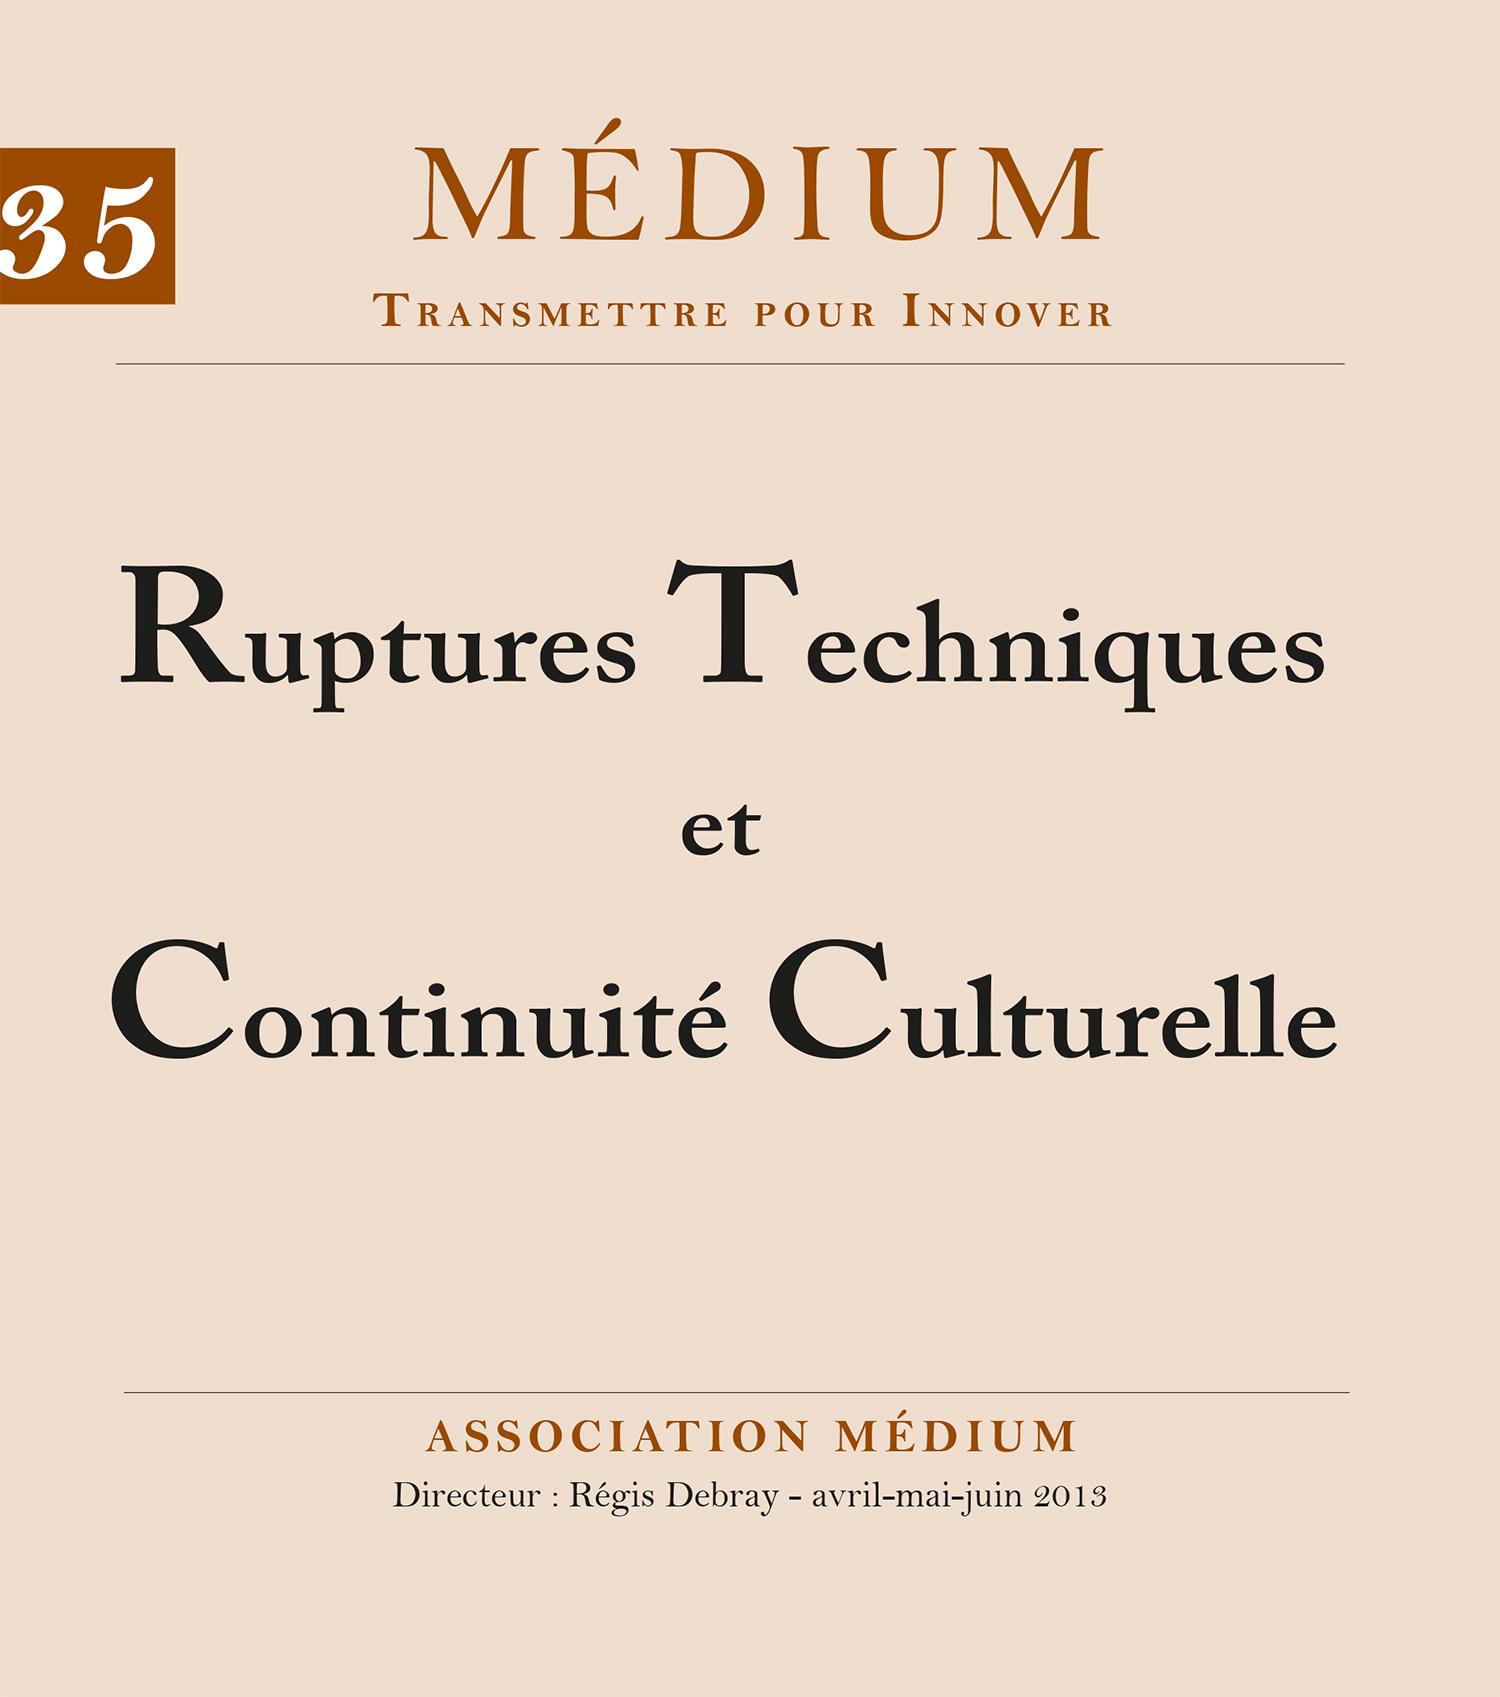 Ruptures Techniques et Continuité Culturelle (Médium n°35, avril-juin 2013)